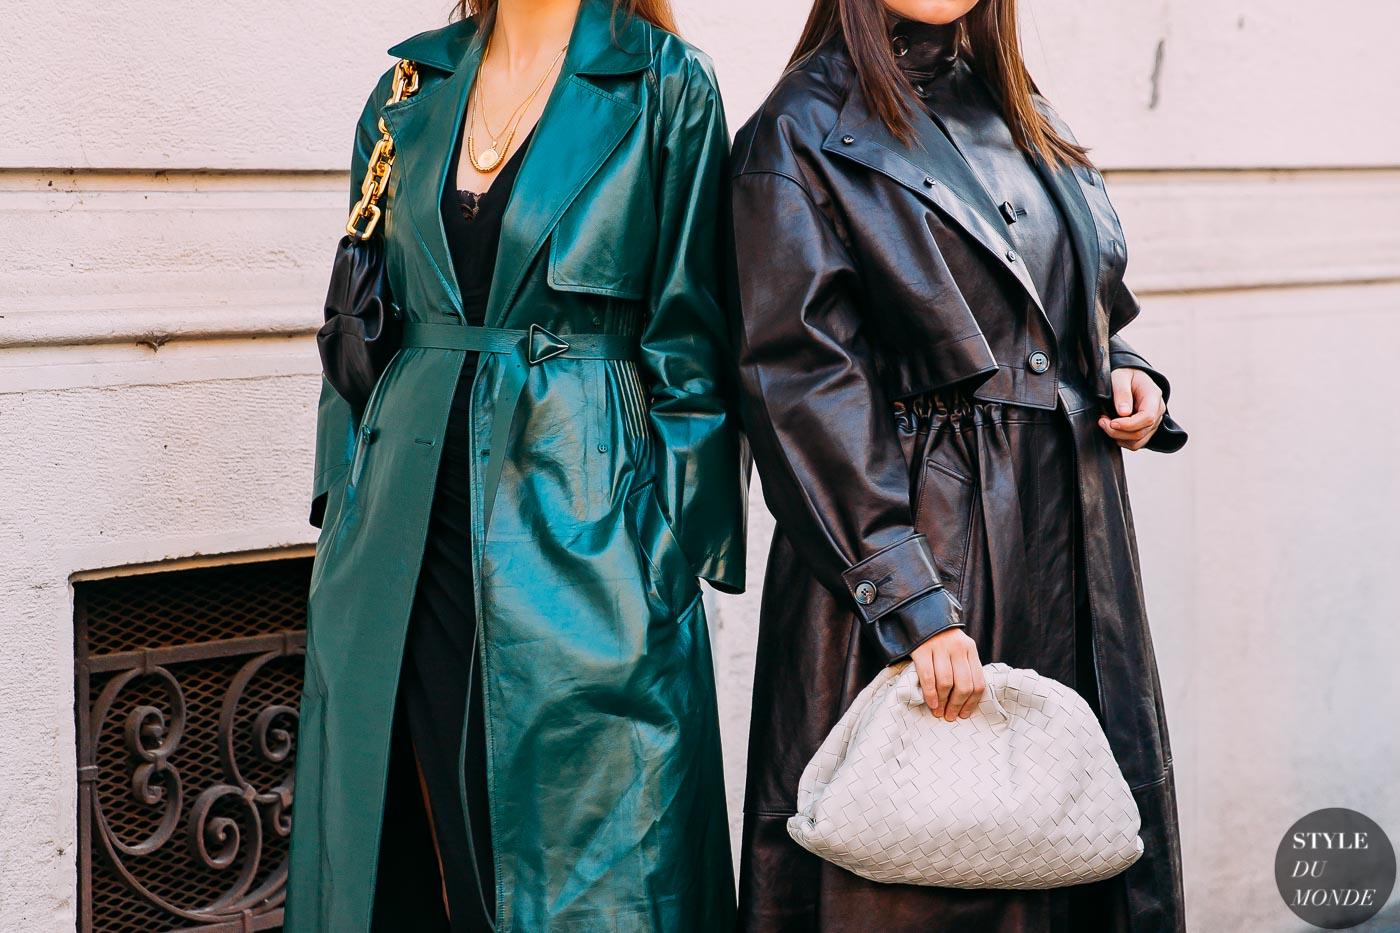 Porady stylisty: Najważniejsze trendy jesień/zima 2020 * Inspiracje z Fashion Week